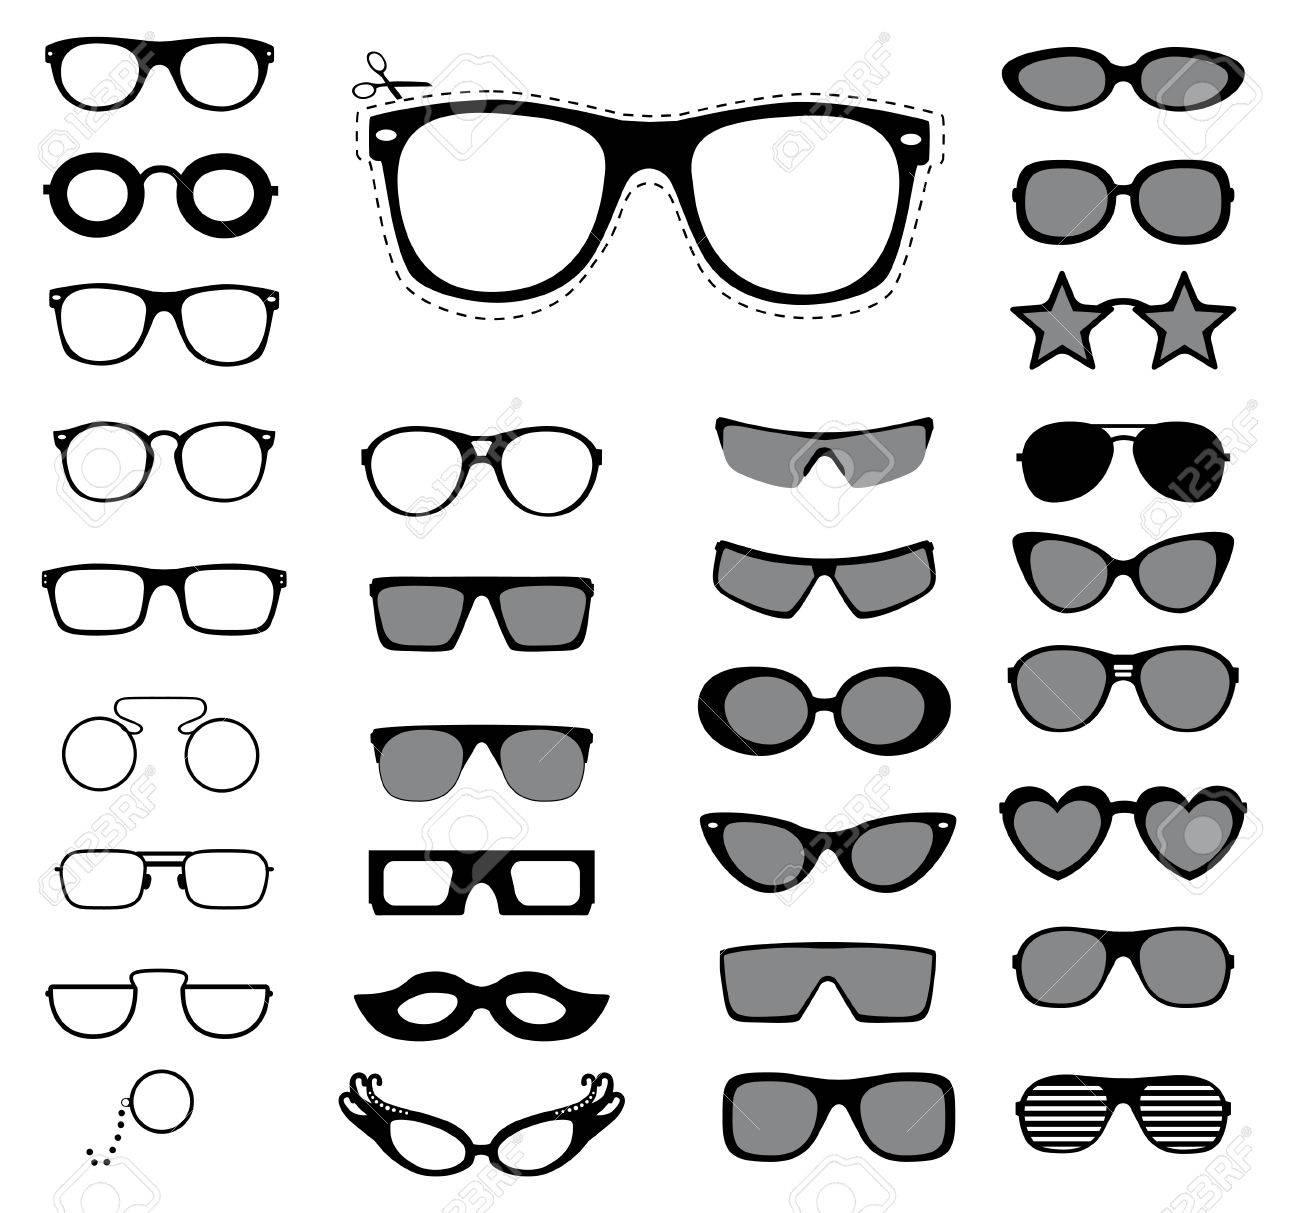 サングラスとメガネ イラストのセットのイラスト素材ベクタ Image